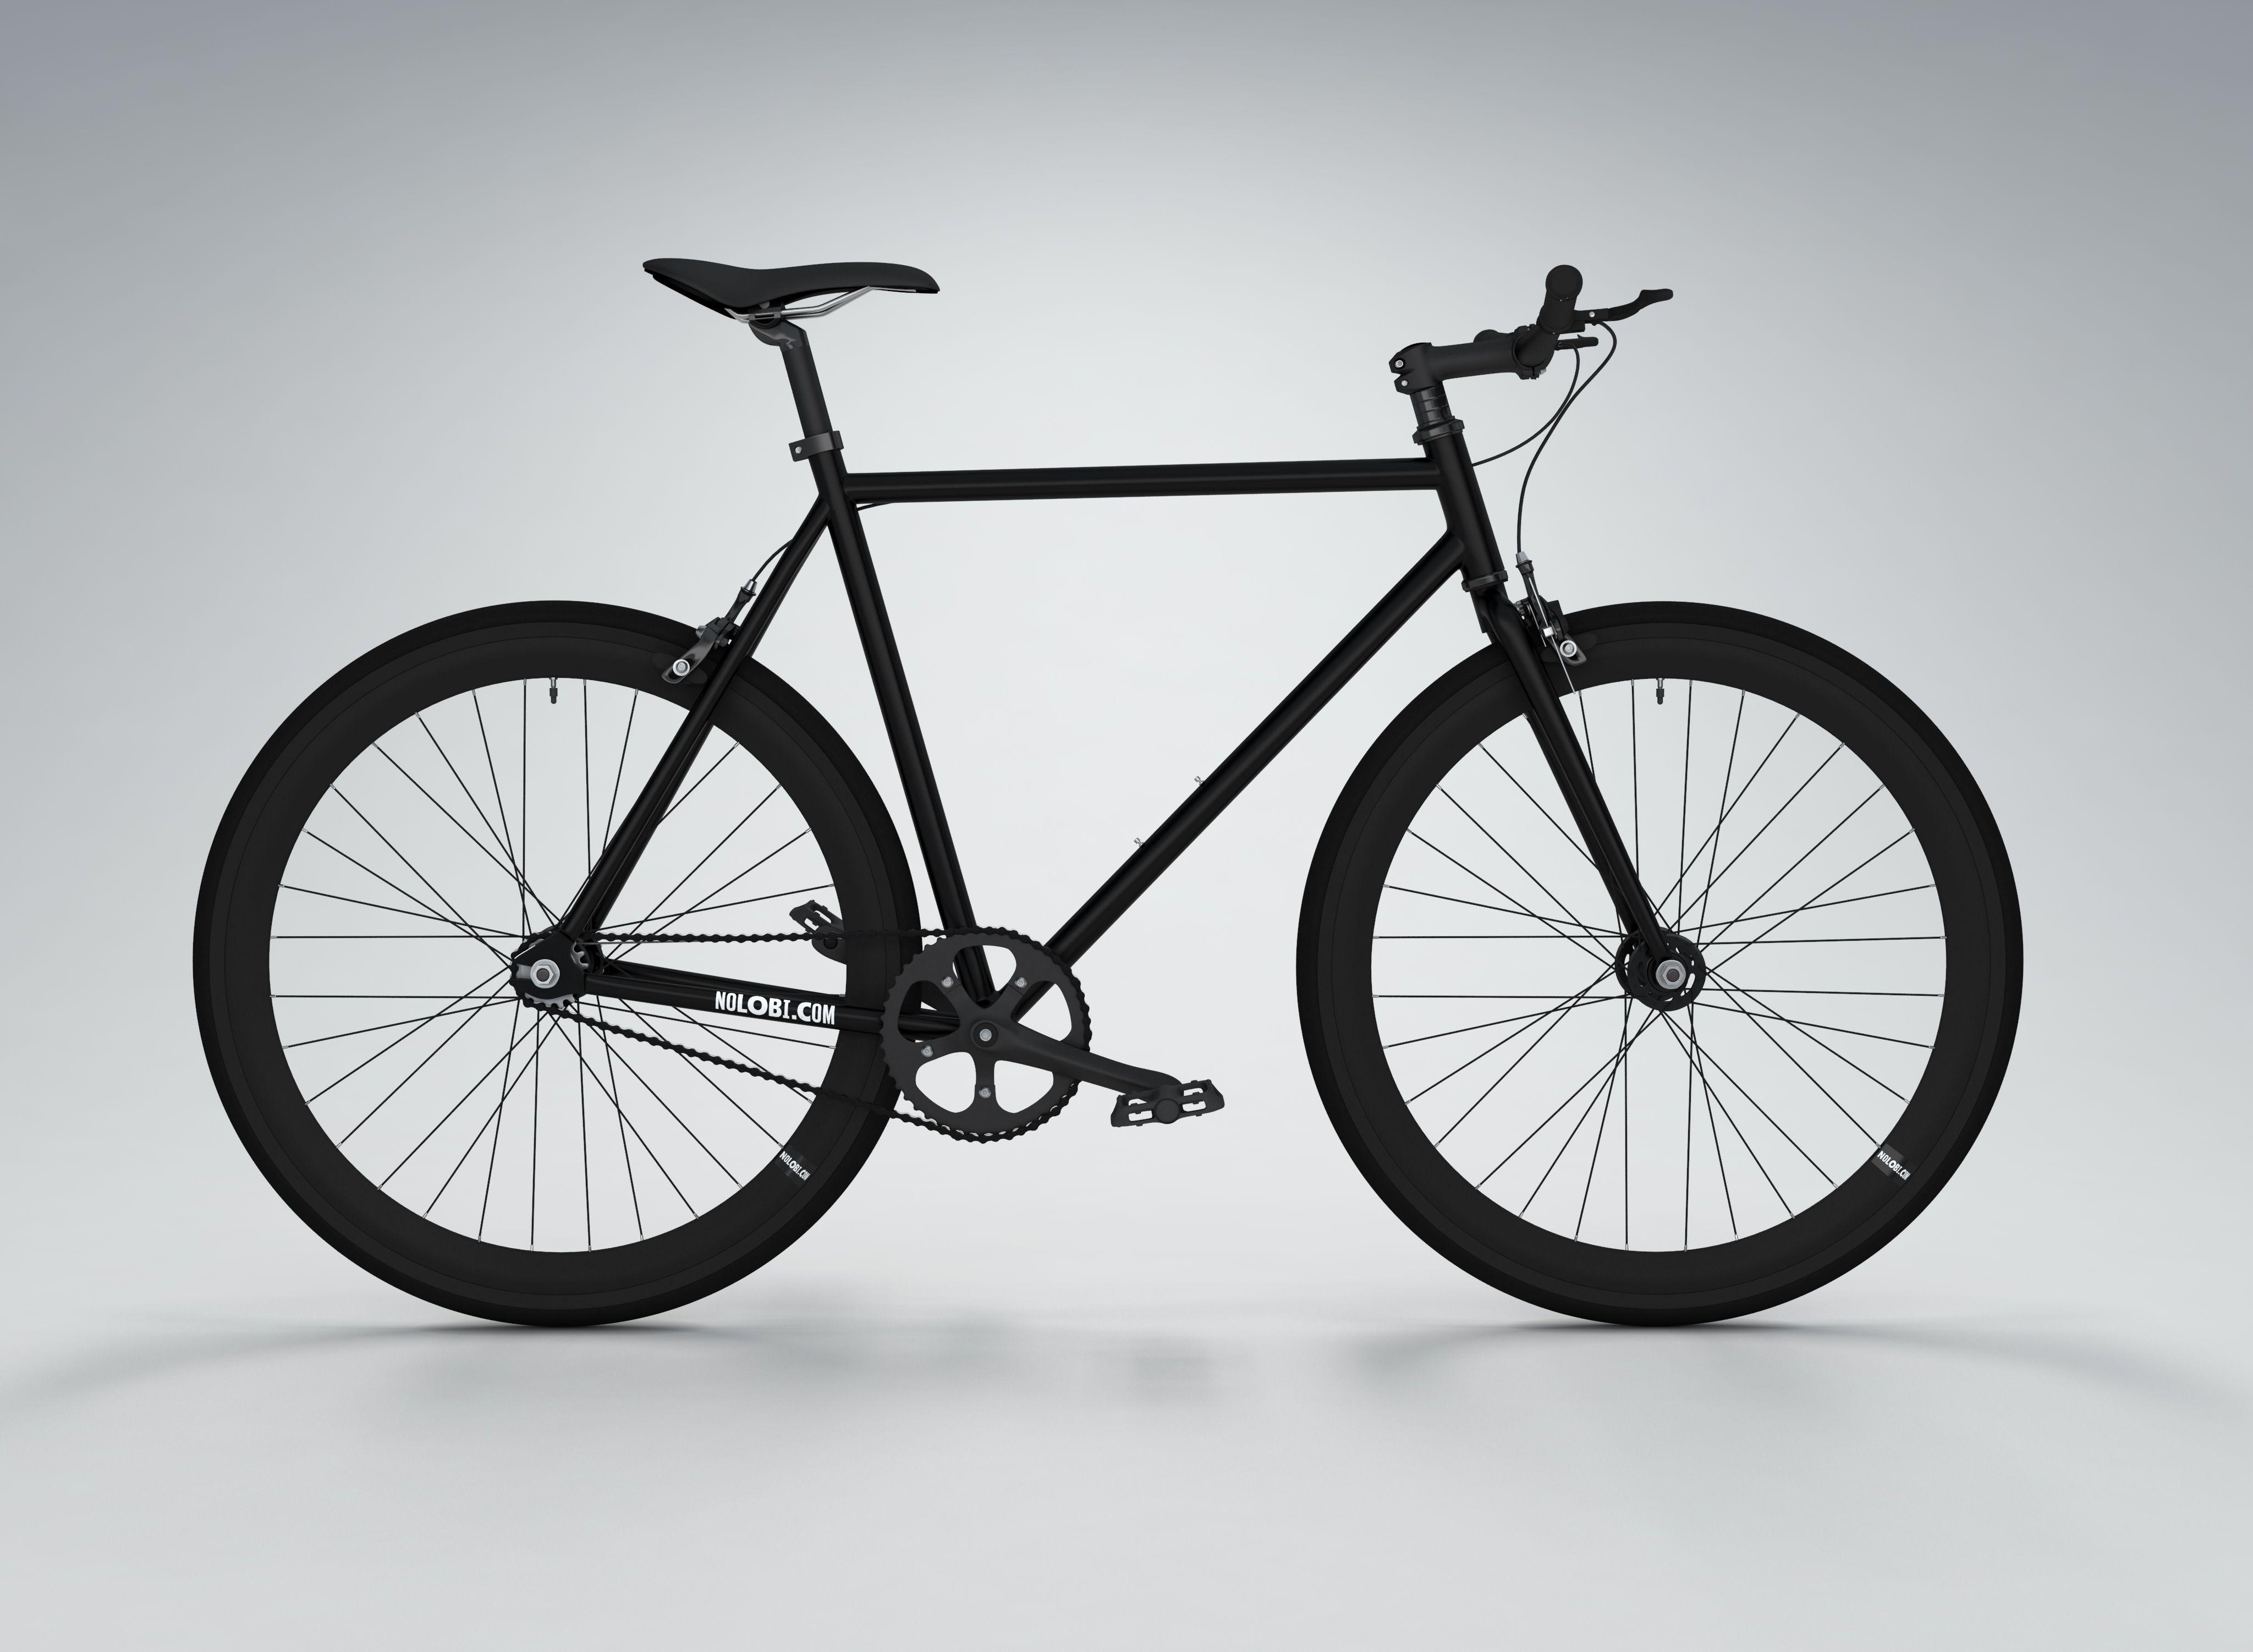 Allblack Single Fixed Gear Single Speed Bike Www Nolobi Com Shop